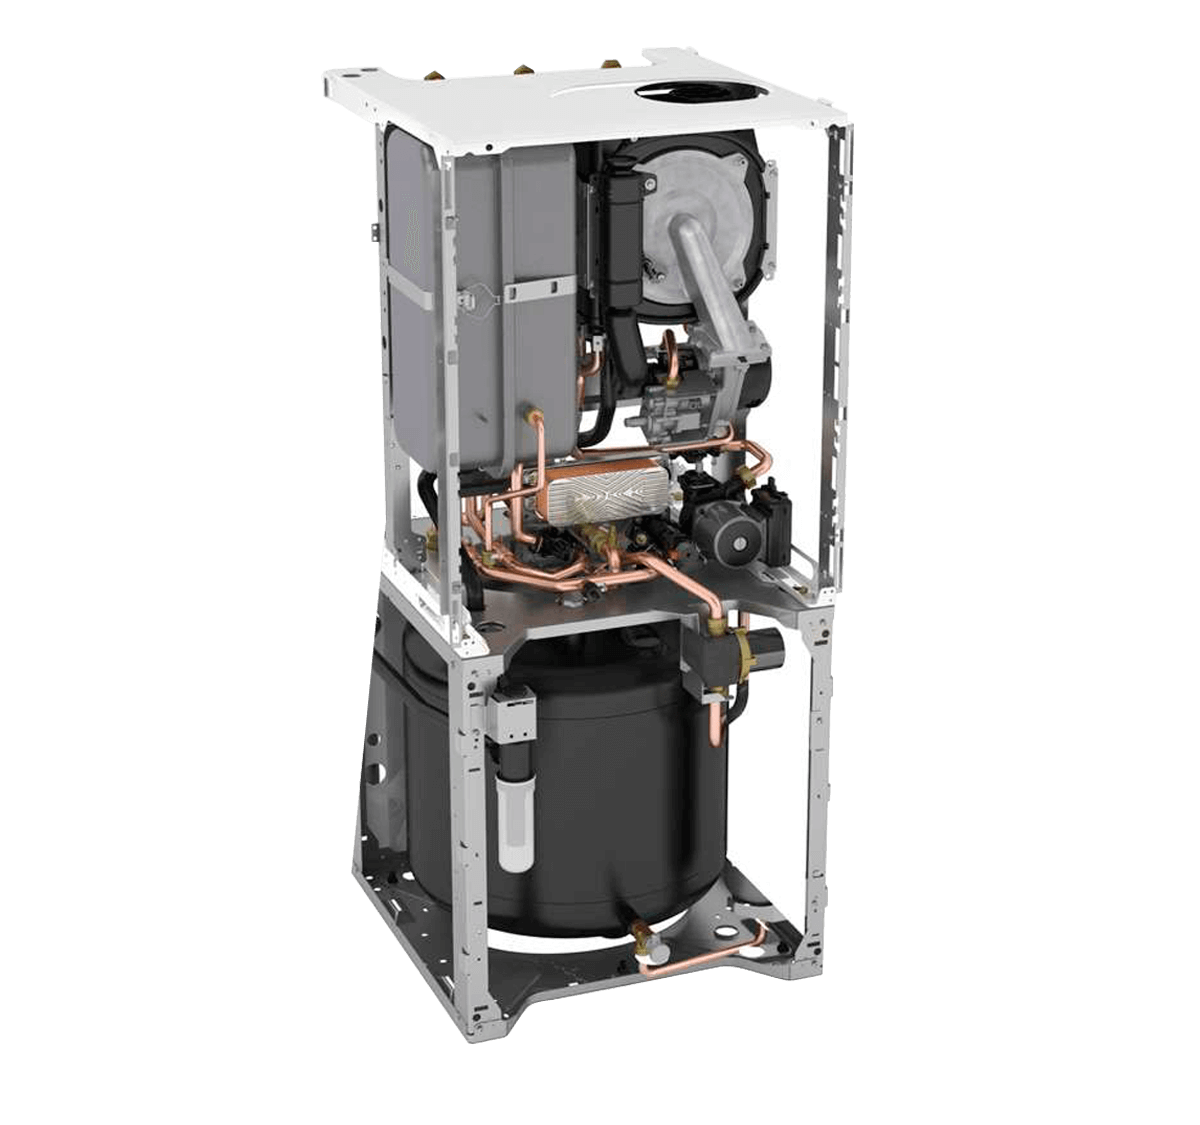 Caldera-a-gas-de-condensacion-Saunier-Duval-compacta-mixta-de-35-kW-con-acumulacion-de-90-litros-interior